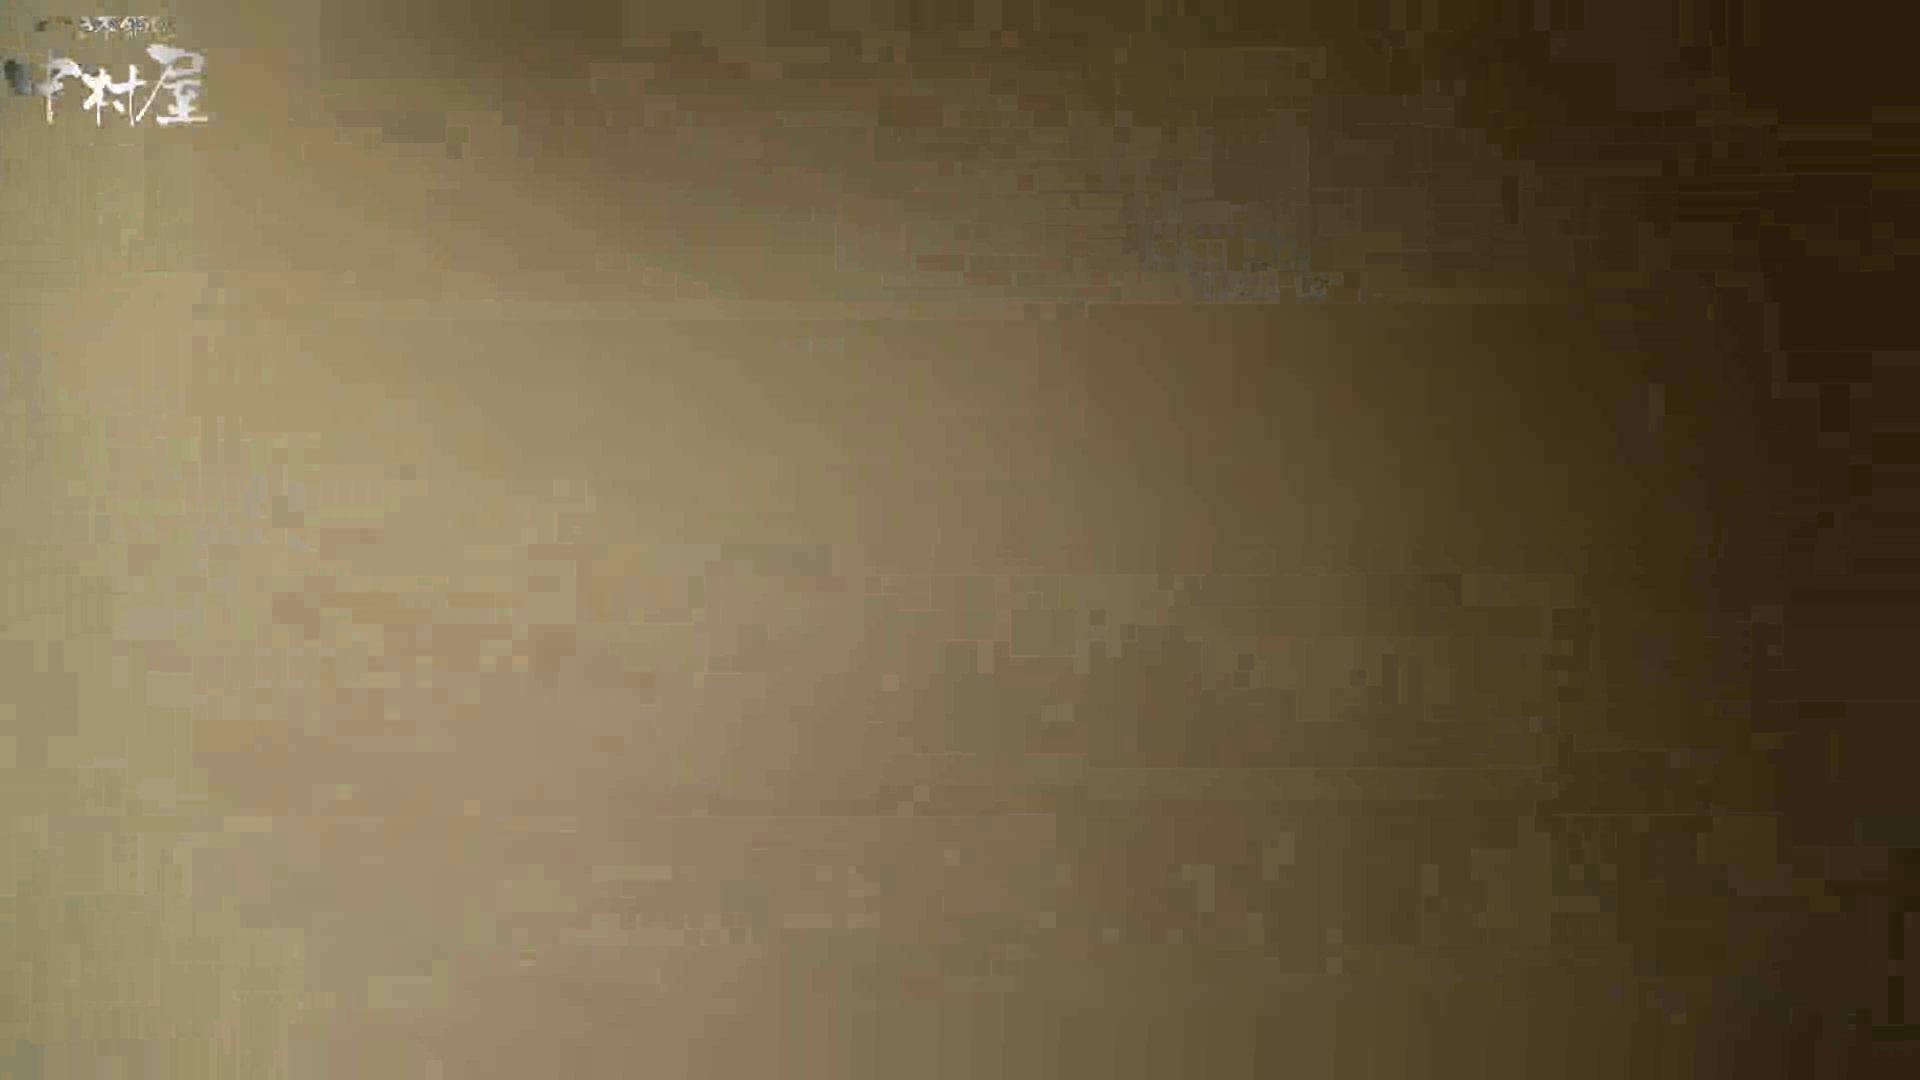 ネムリ姫 vol.32 イタズラ動画 AV無料動画キャプチャ 86PIX 66